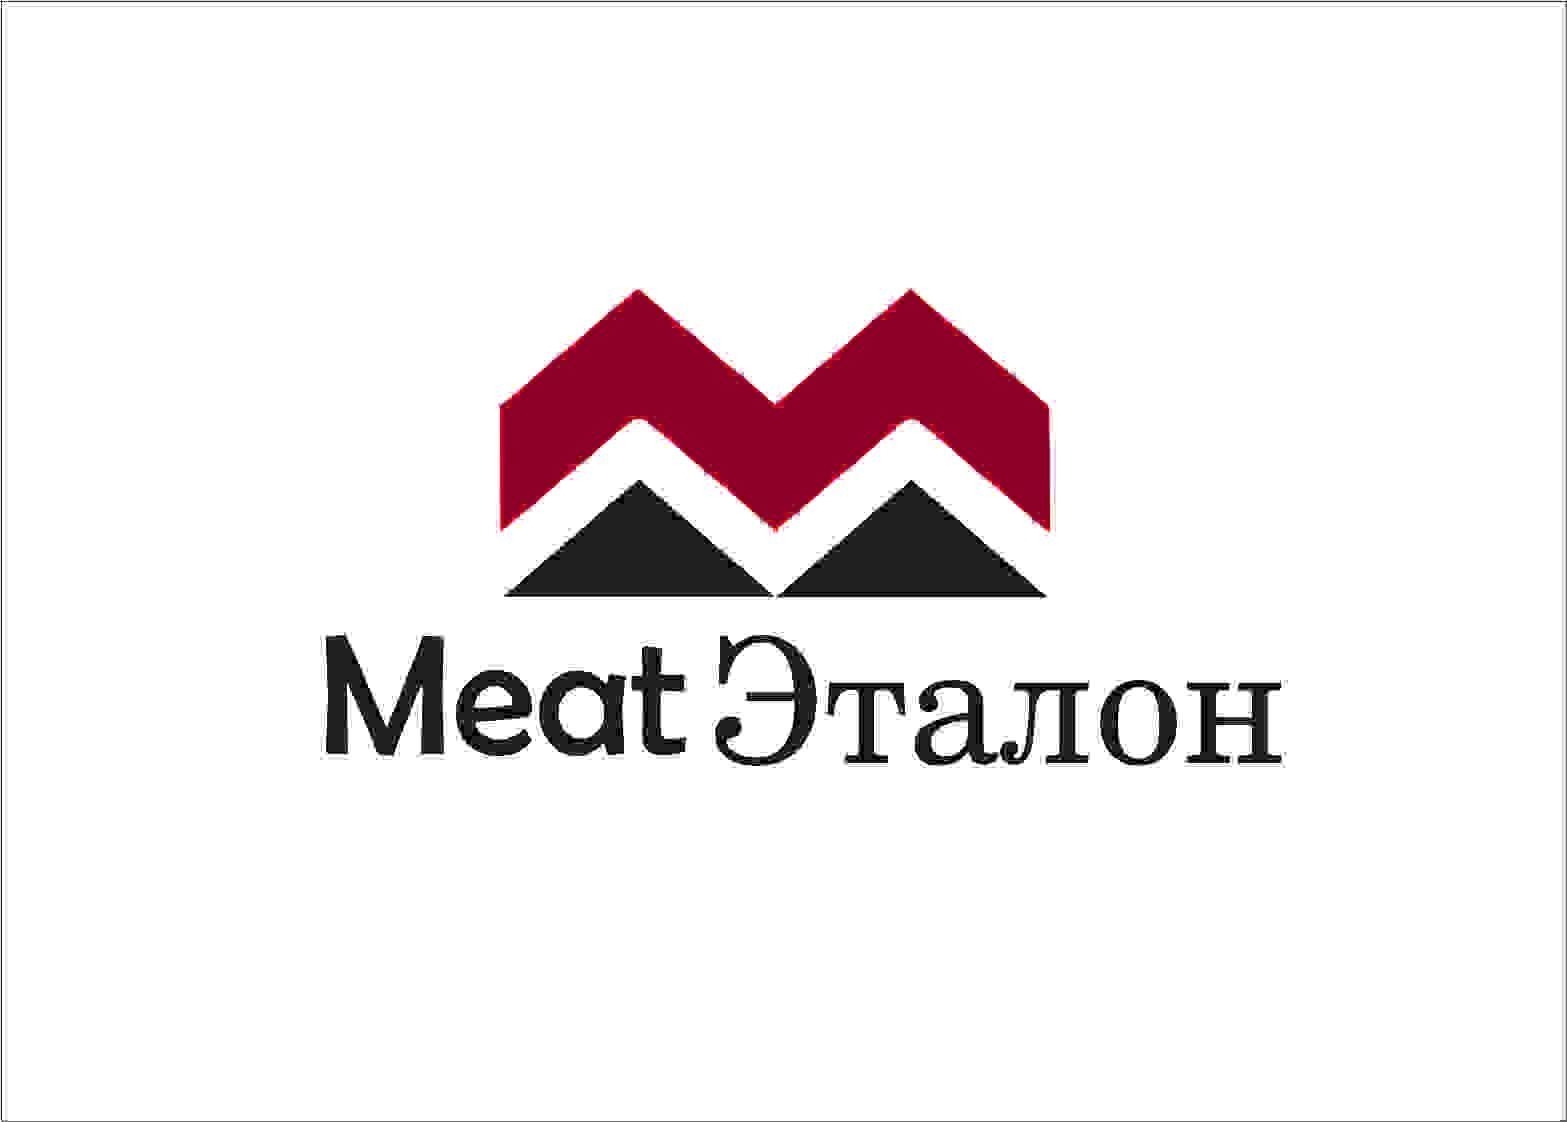 Логотип компании «Meat эталон» фото f_74057024d7744a16.jpg